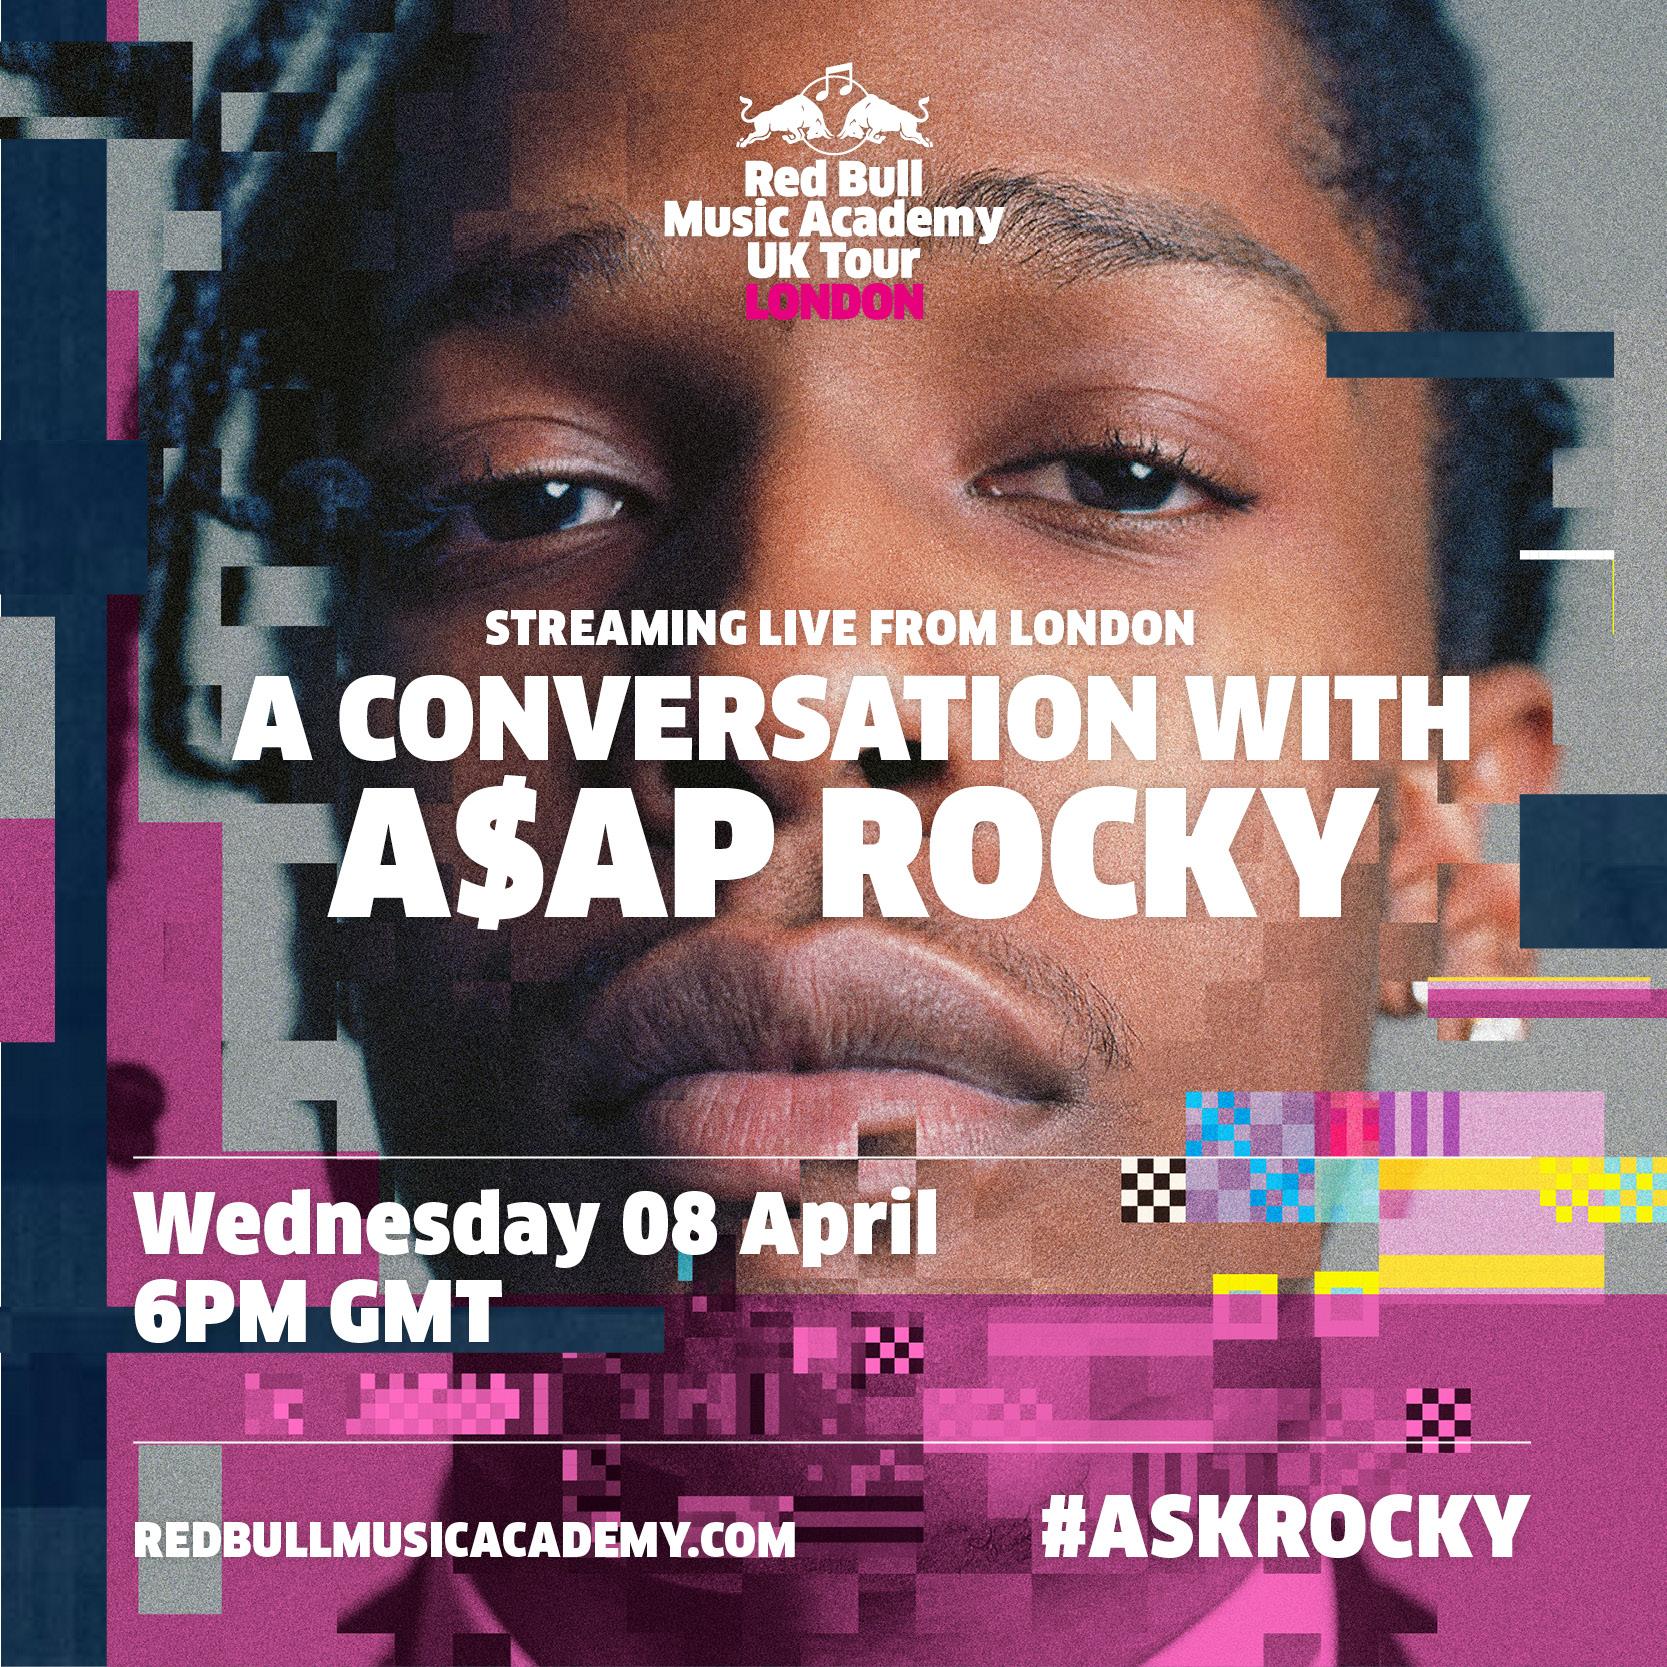 Dès 19h, posez vos questions en live à A$ap Rocky !